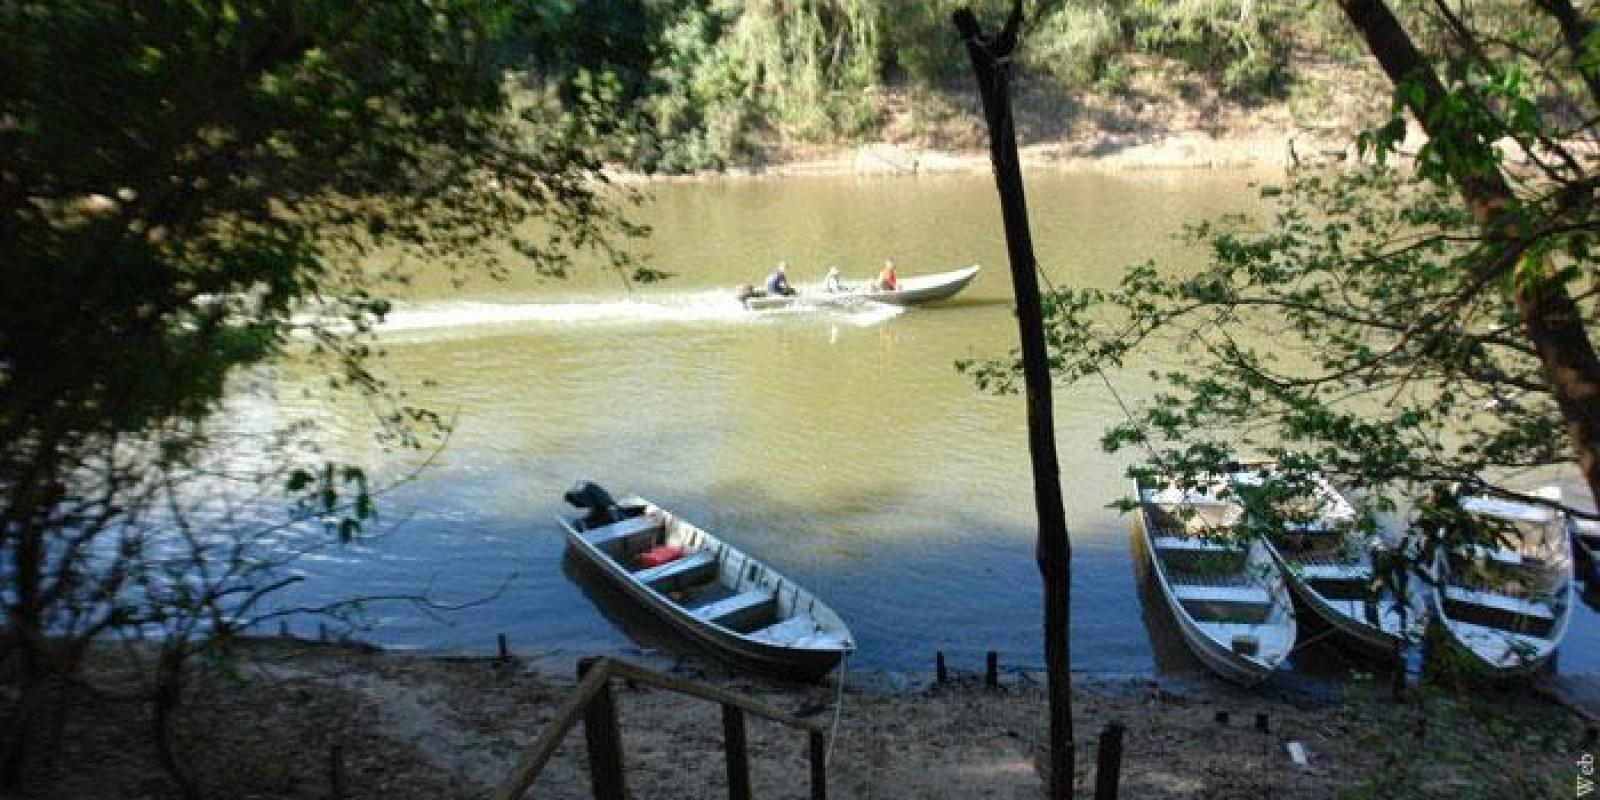 Pousada do Dede / Rio Miranda - MS - Foto 3 de 20